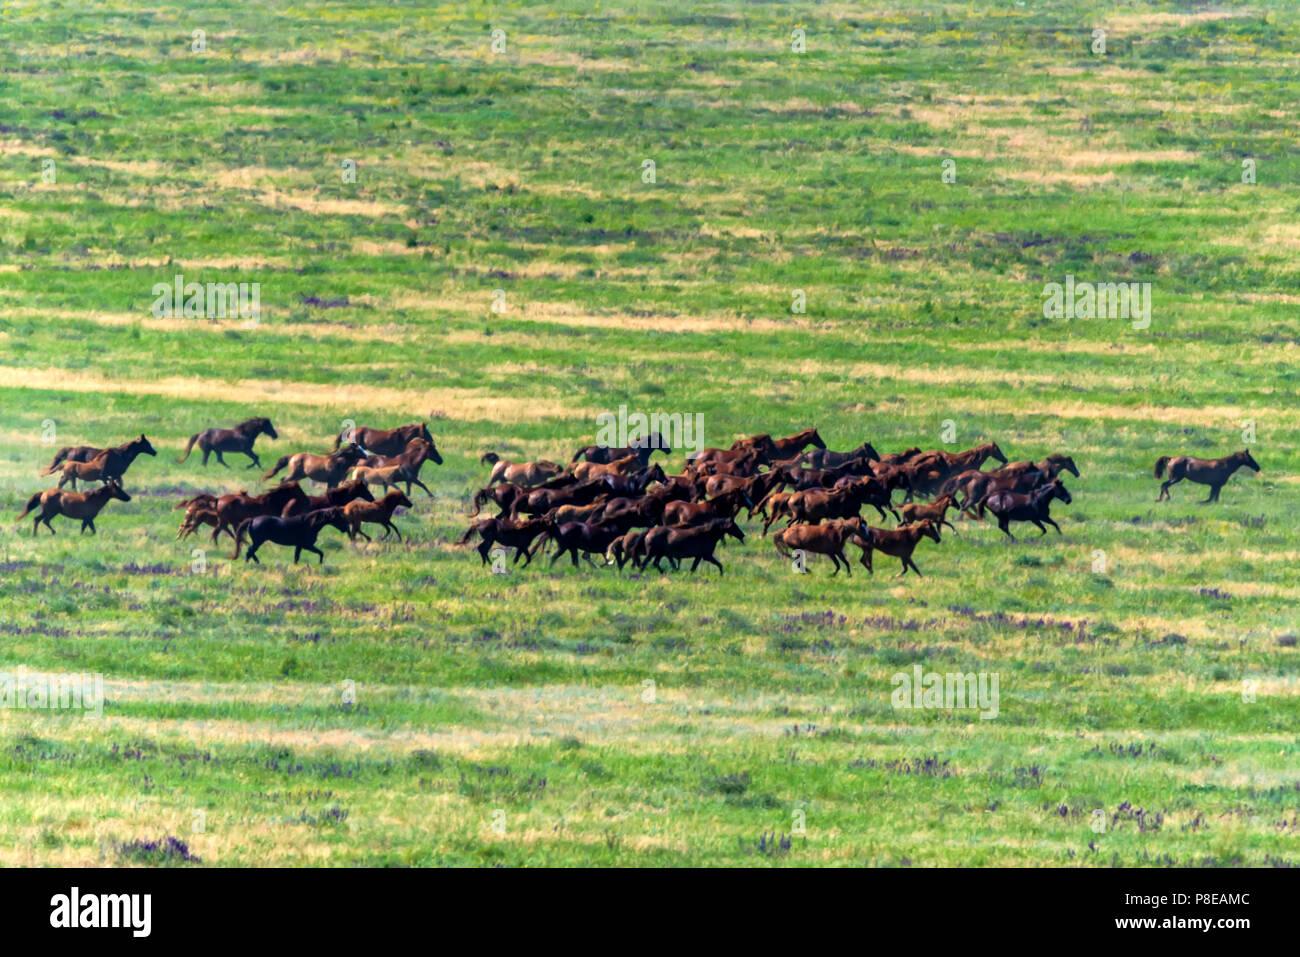 Caballos salvajes gallopping sobre pradera de verano Imagen De Stock